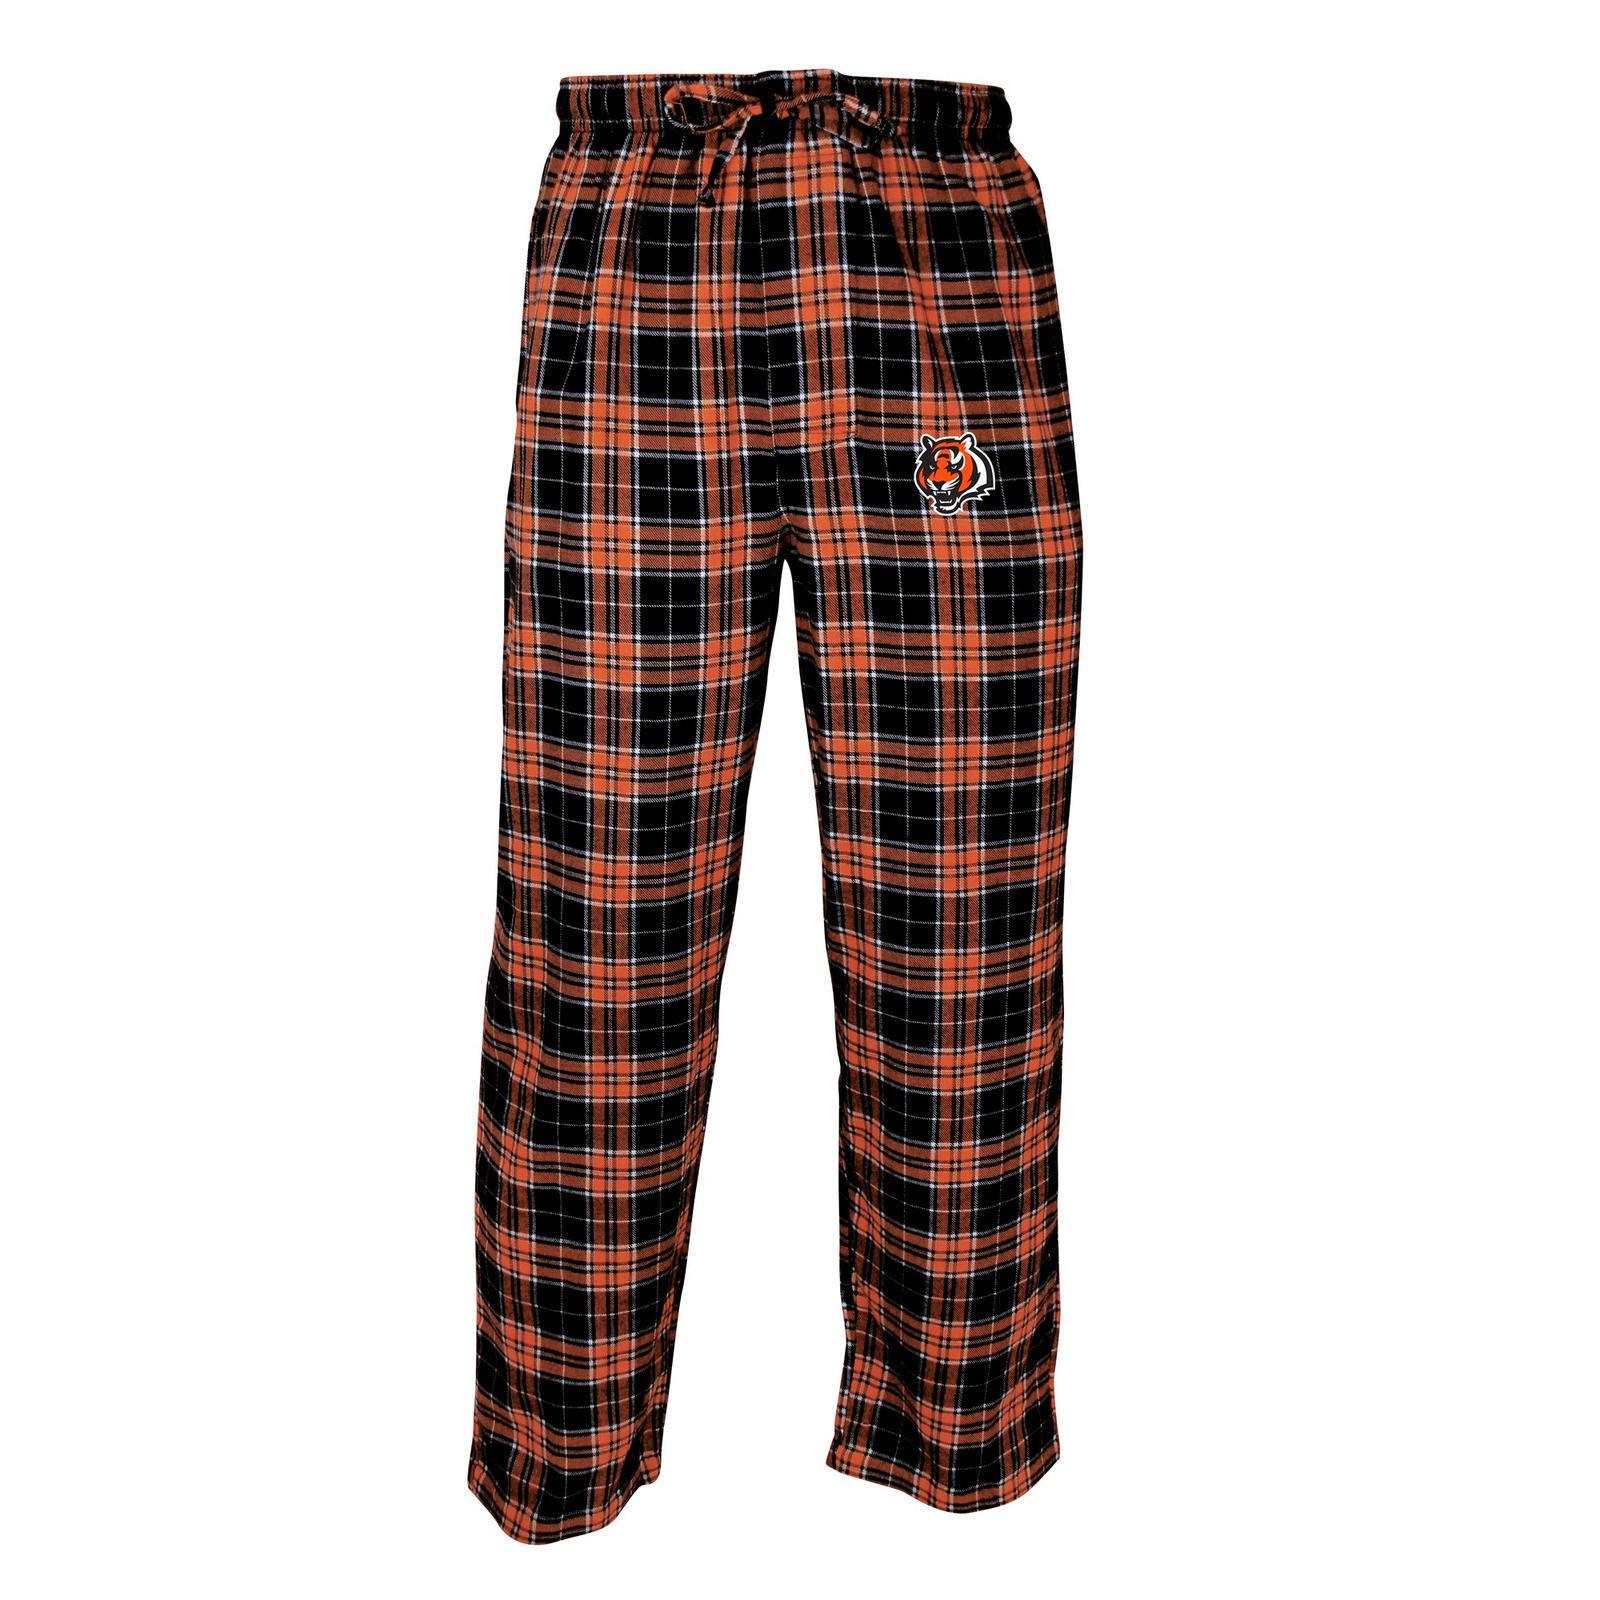 Cincinnati Bengals Pajama Pants Men's NFL Roster Flannel Sleep Lounge Bottoms